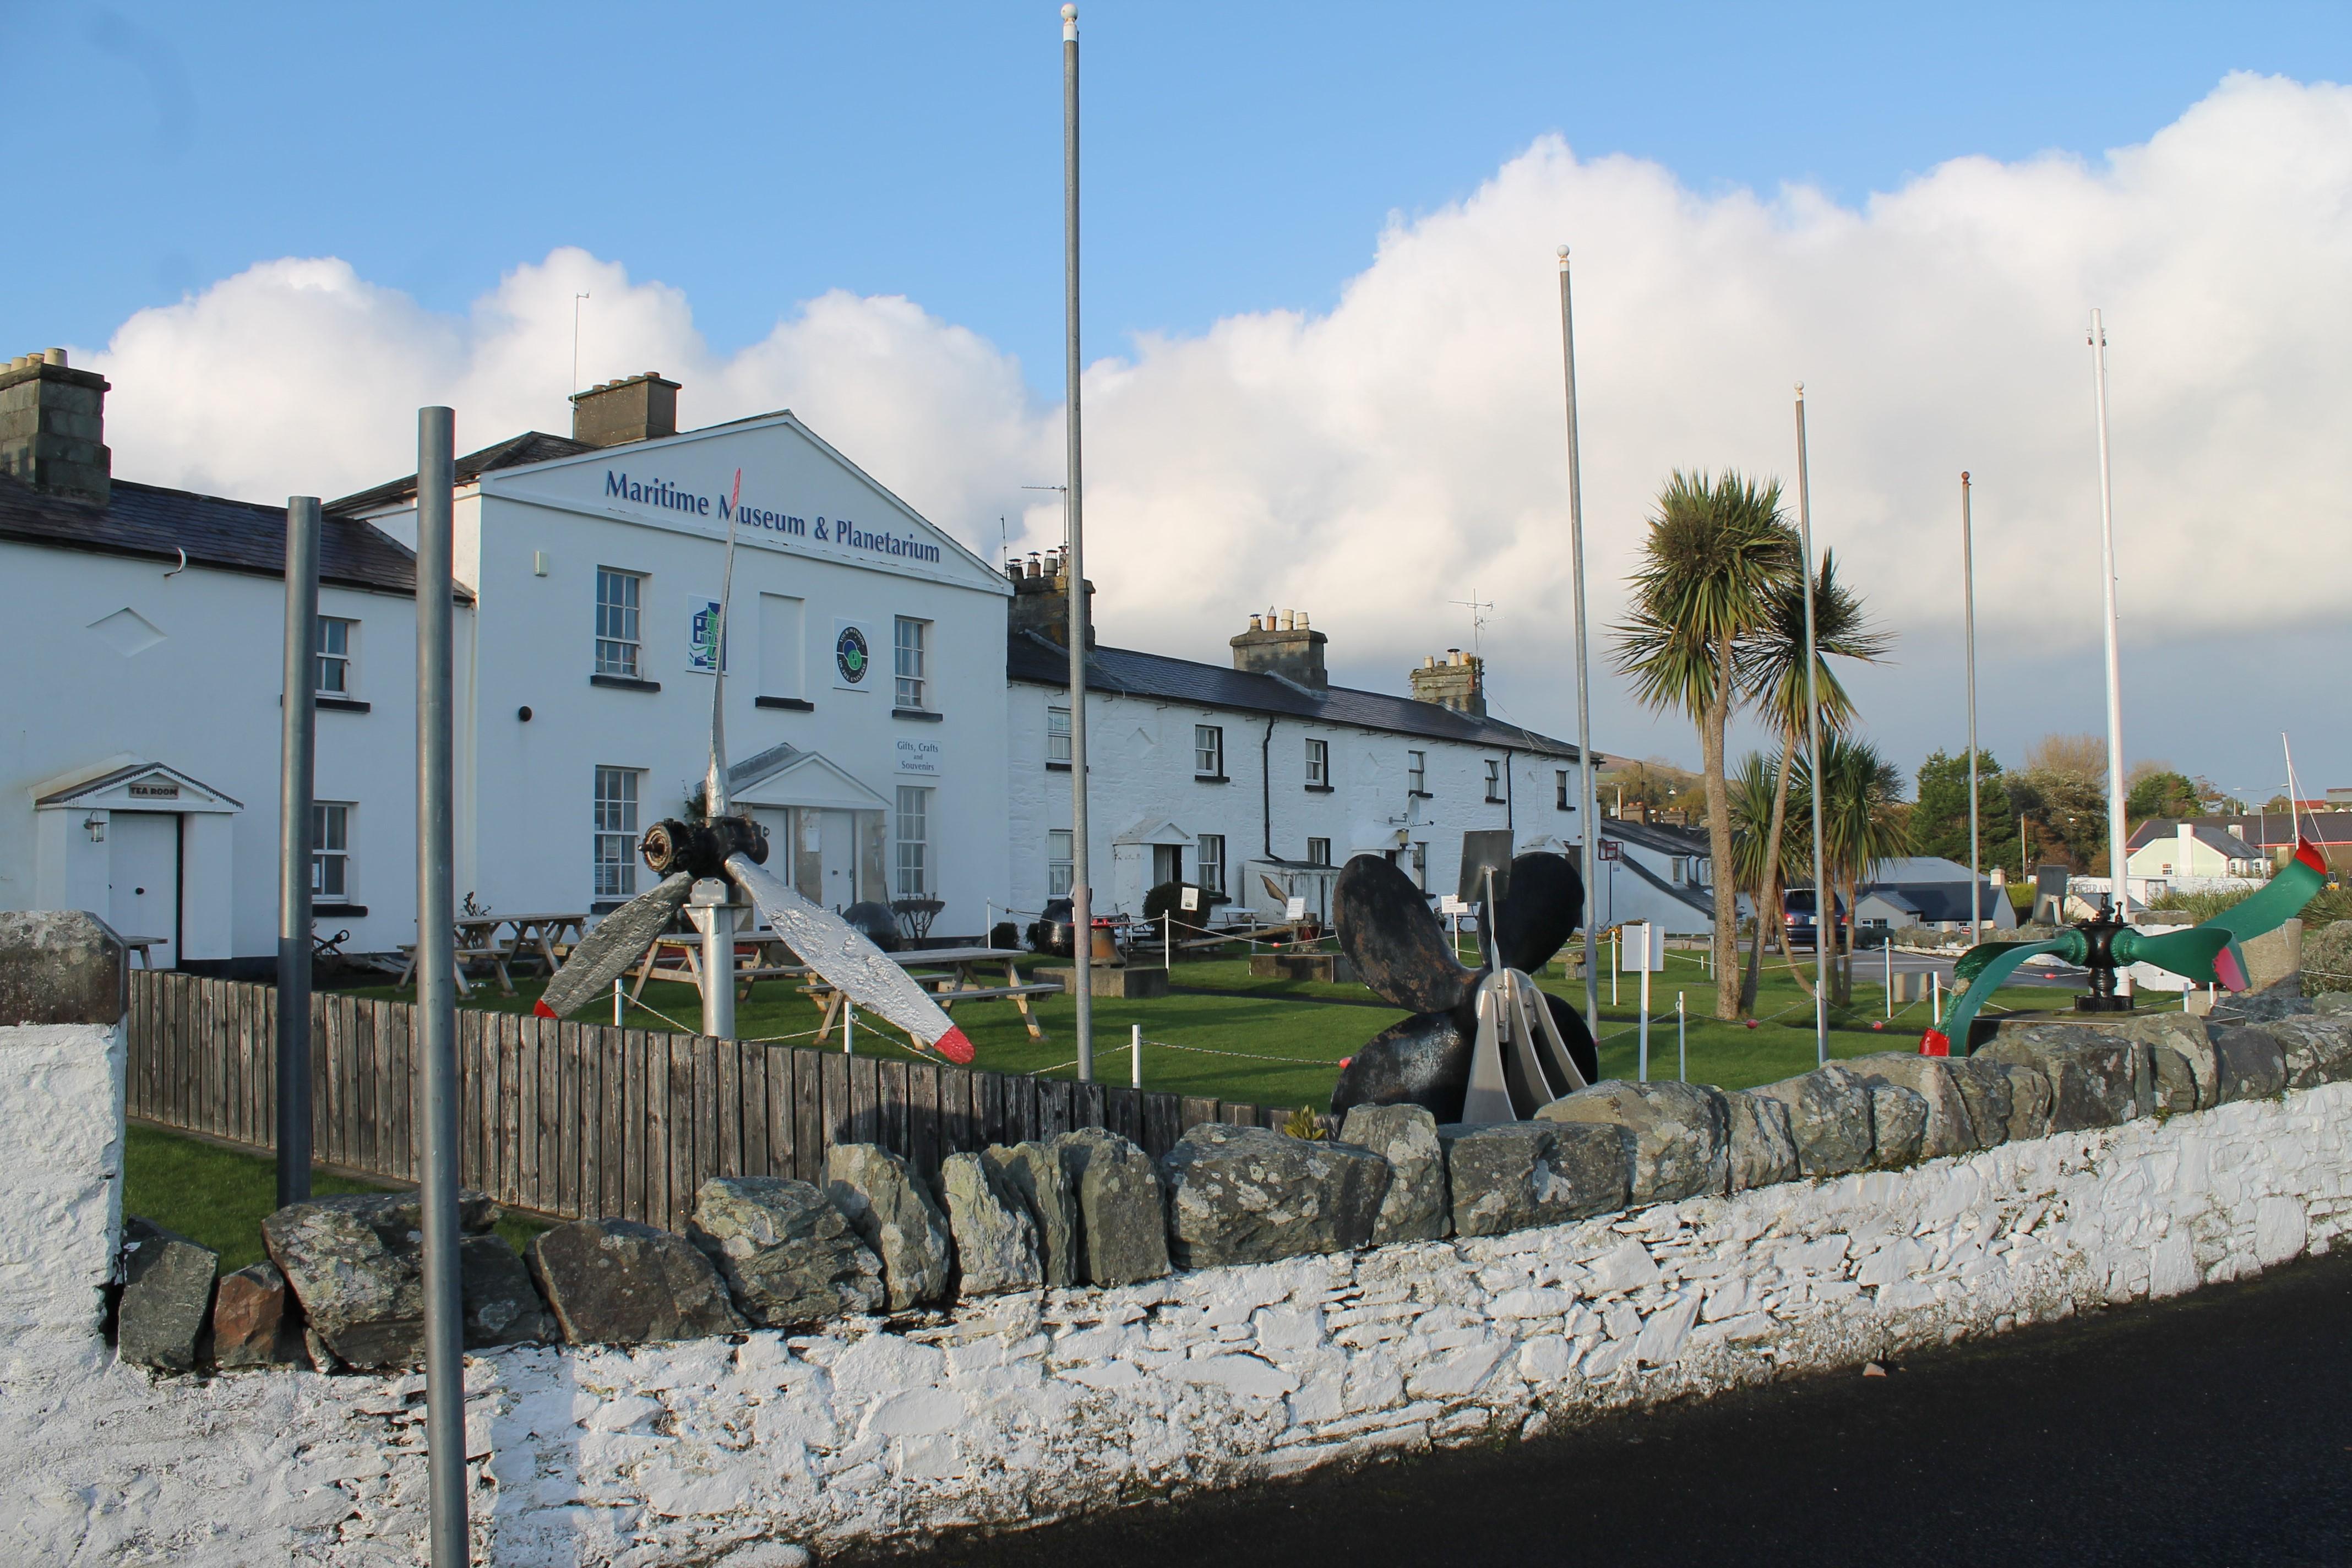 Inishowen Maritime Museum & Planetarium